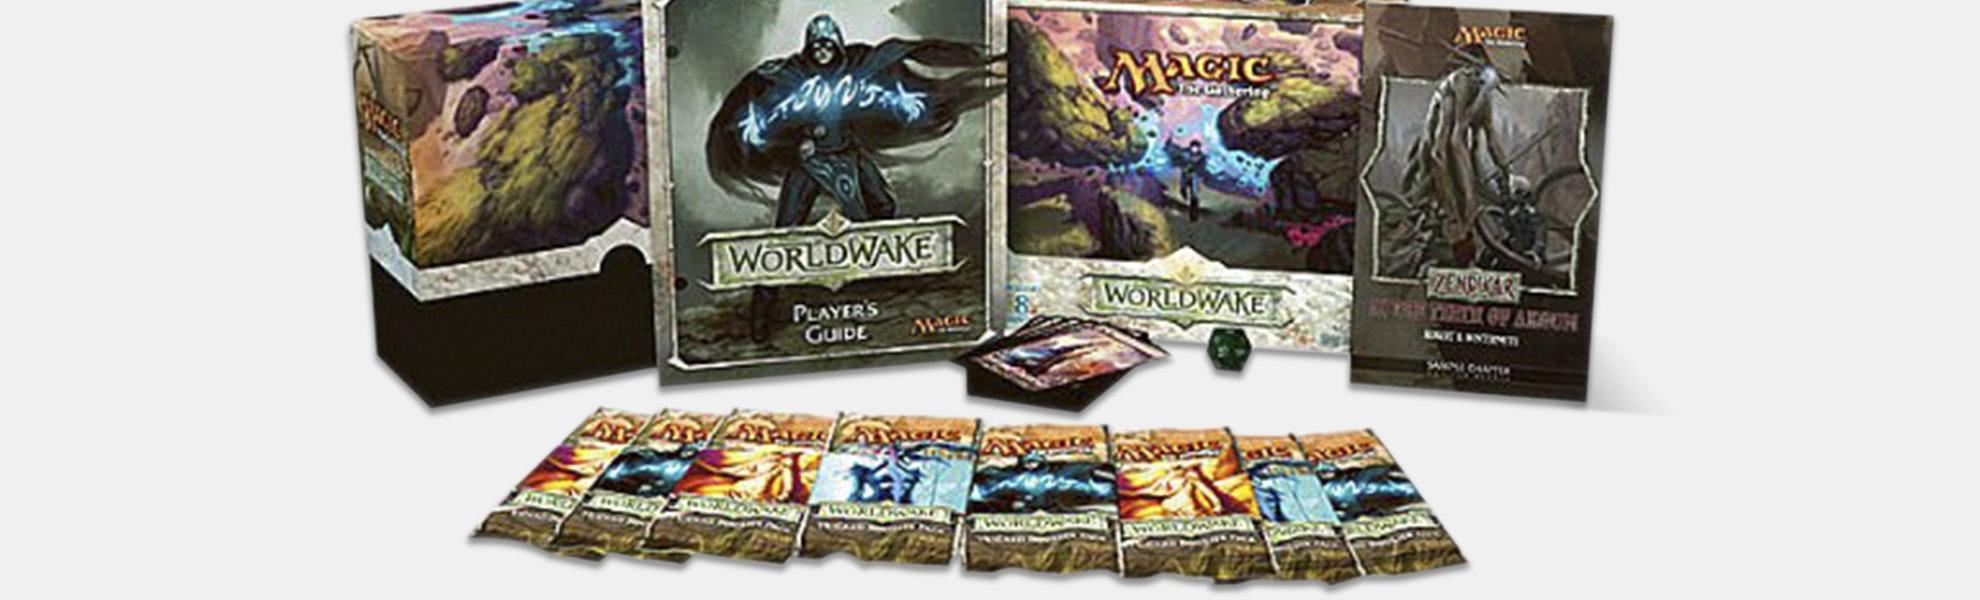 Worldwake Fat Pack